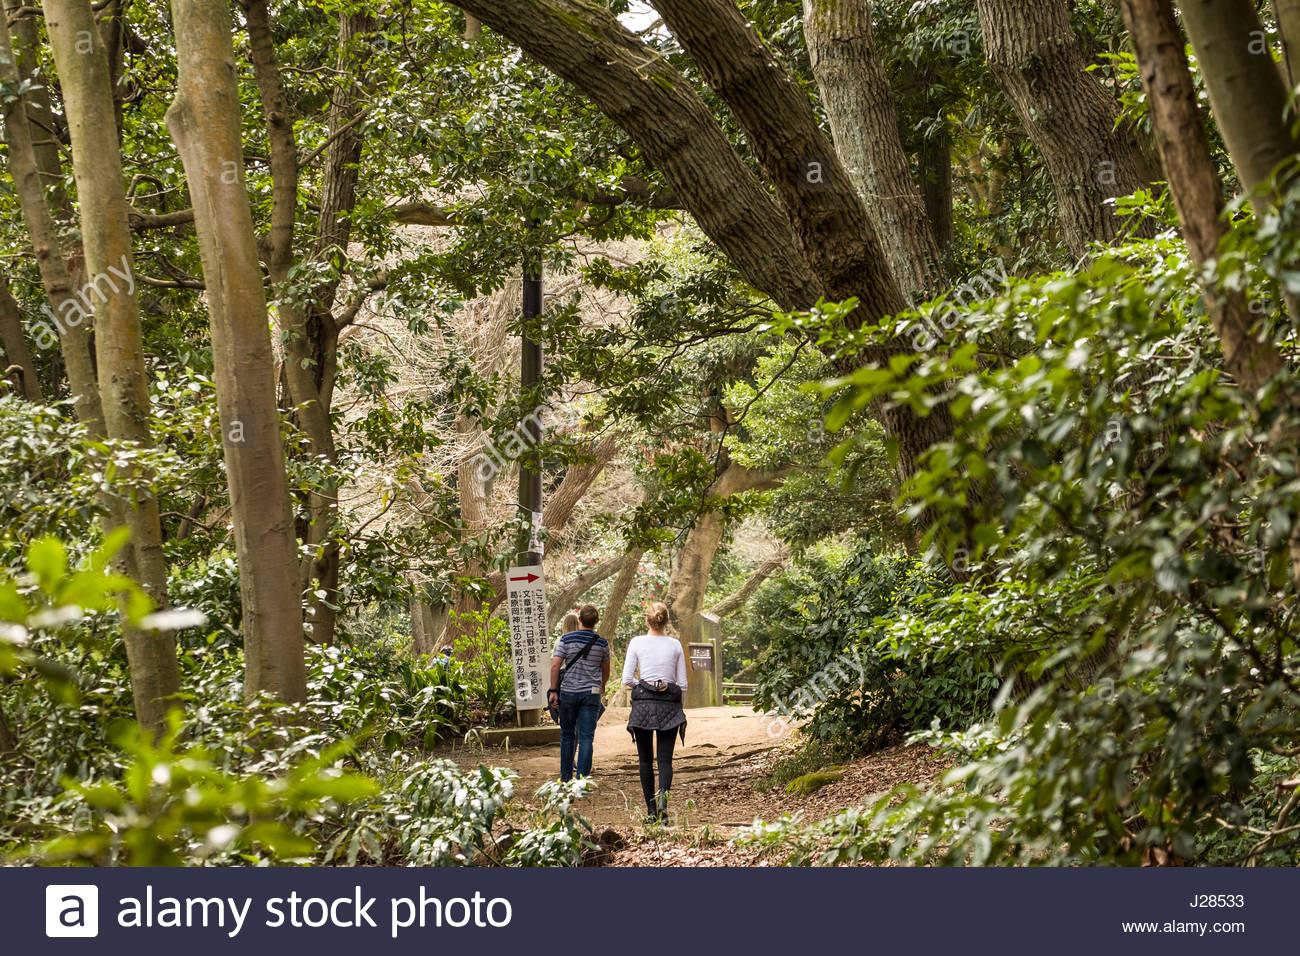 People walking on Daibutsu Hiking Trail near Genjiyama Park, Kamakura, Kanagawa Prefecture, Honshu, Japan - Stock Image